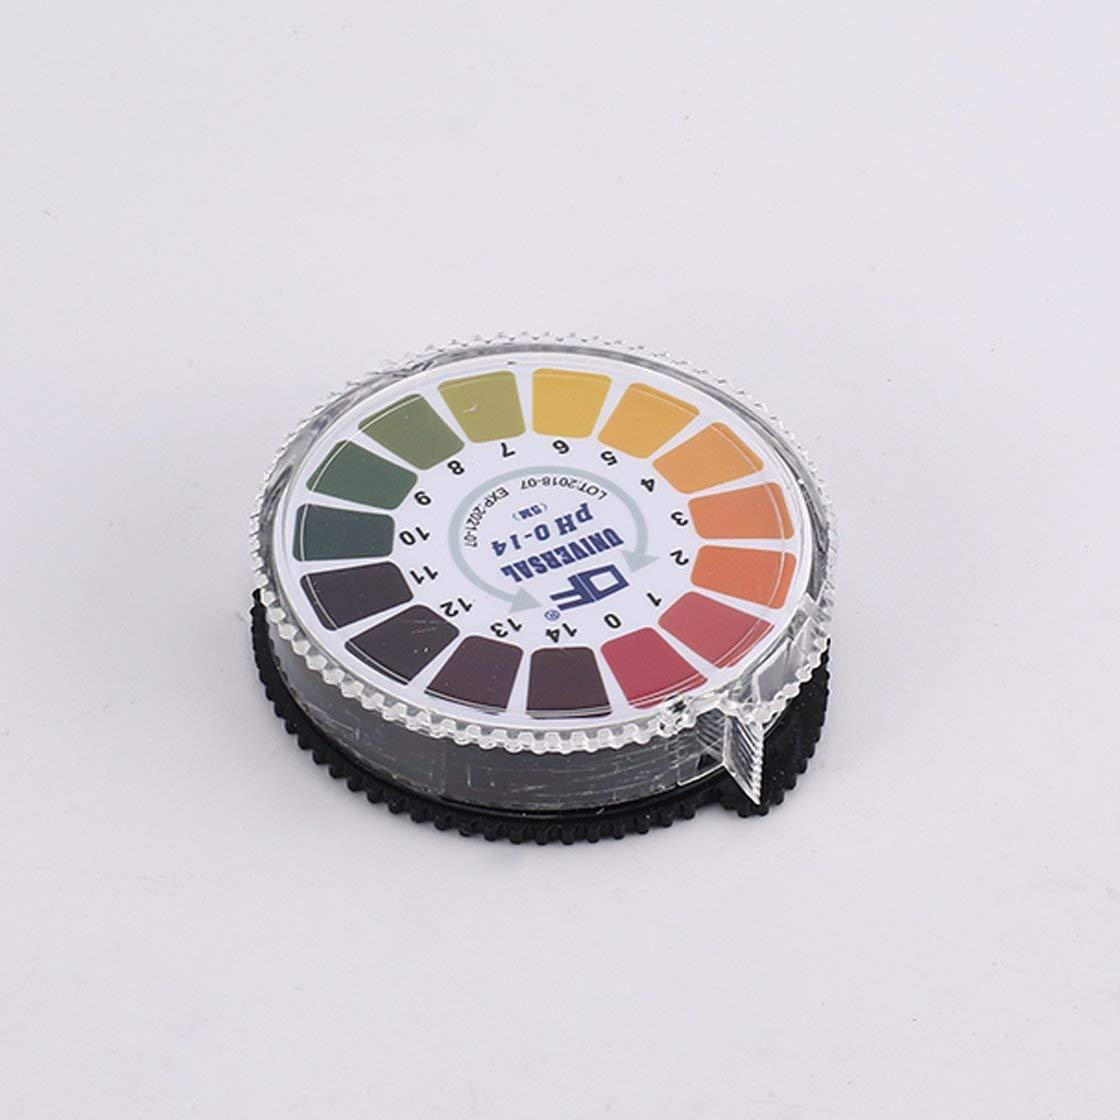 5m 0-14 pH Test Paper Alkaline Indicator Meter Roll per acqua salina di urina Salina Terreno tornasole accurato test di misurazione piscina BlackPJenny